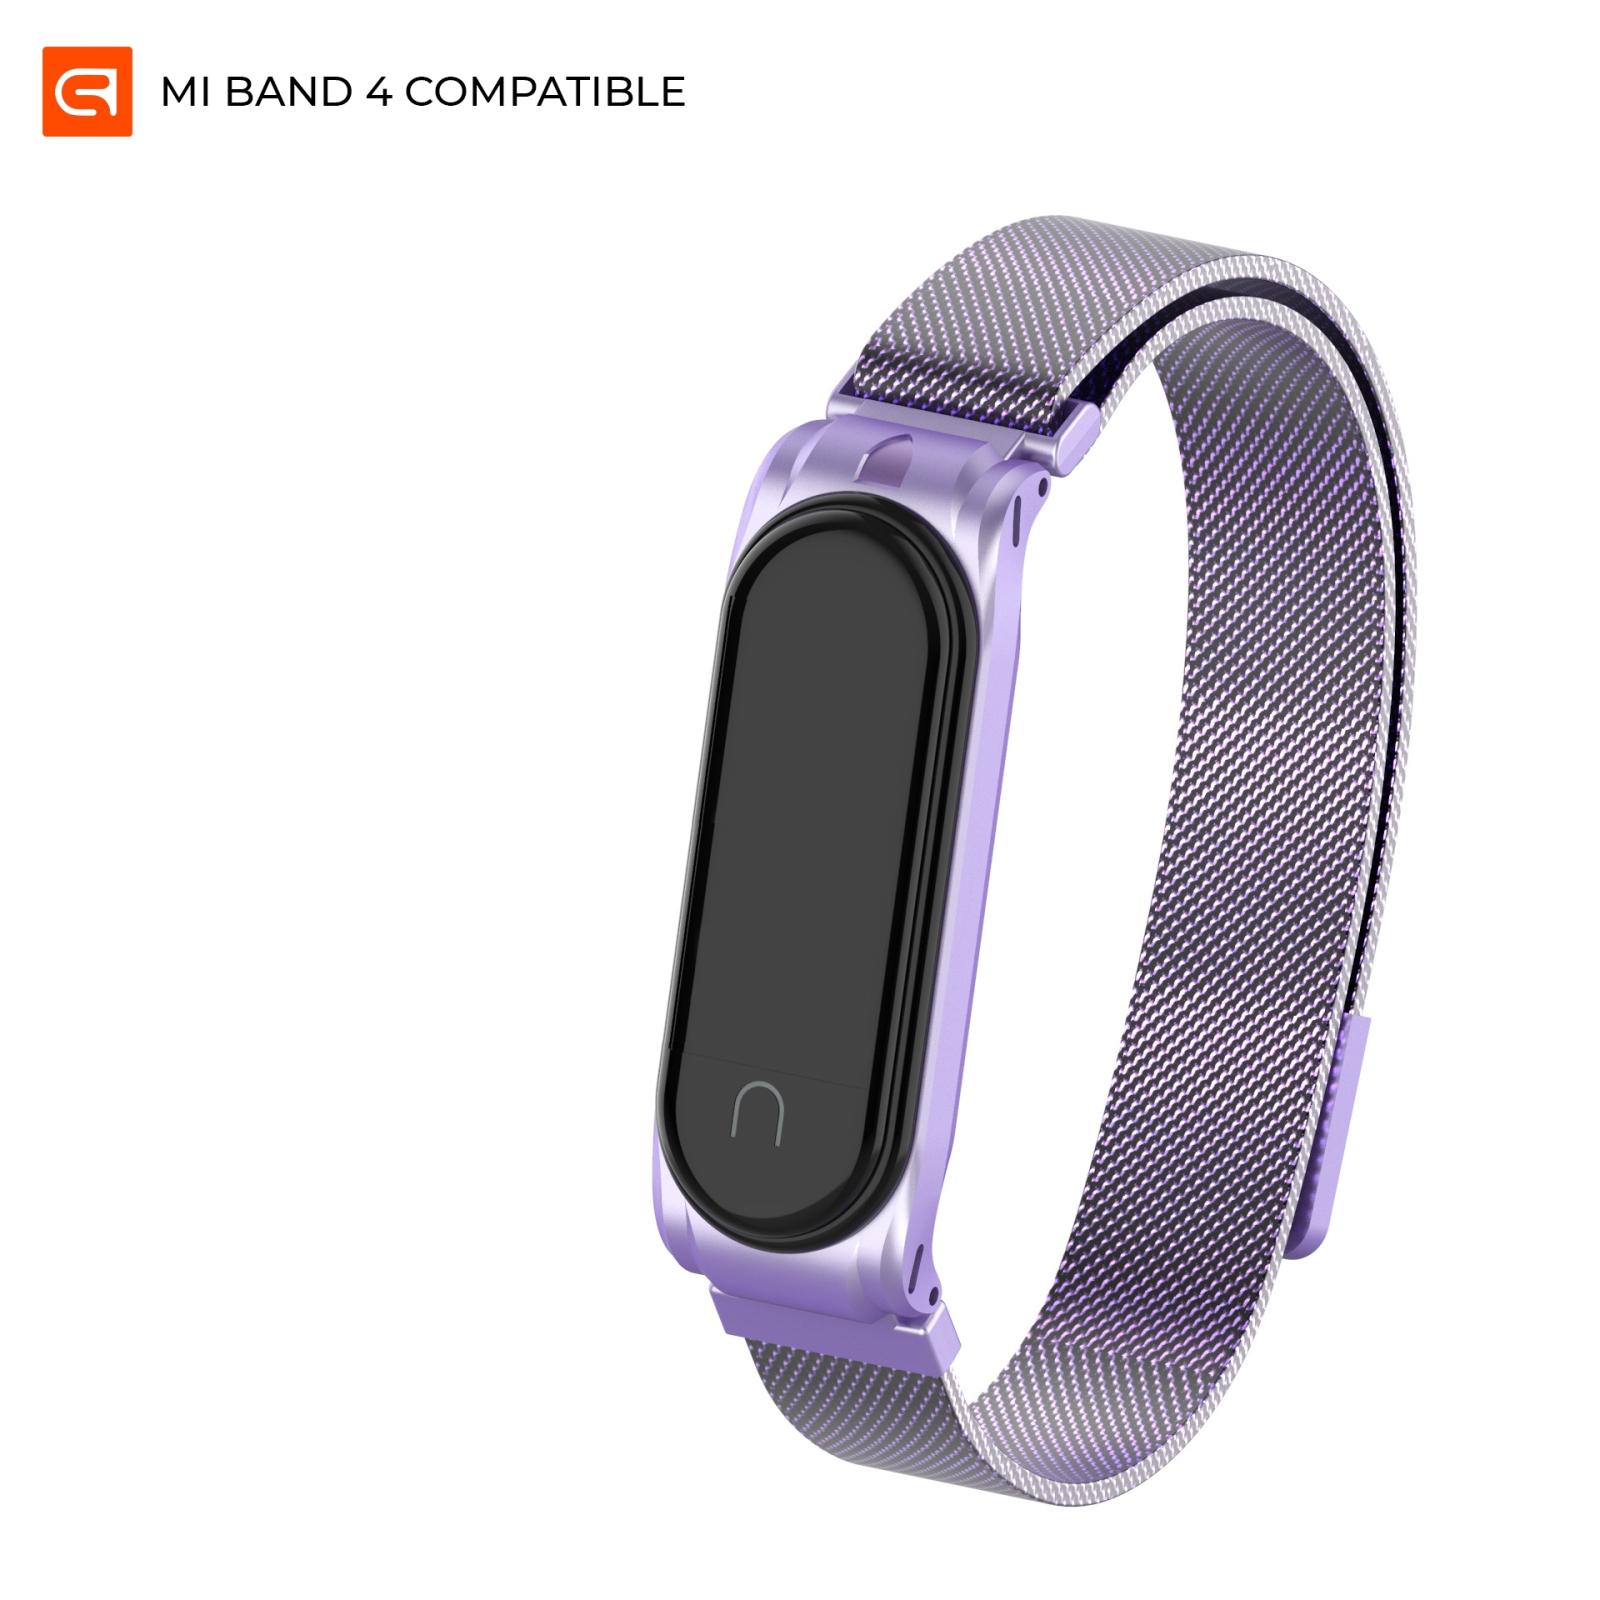 Ремешок для фитнес браслета Armorstandart Milanese Magnetic Band для Xiaomi Mi Band 4/3 Violet (ARM55199)